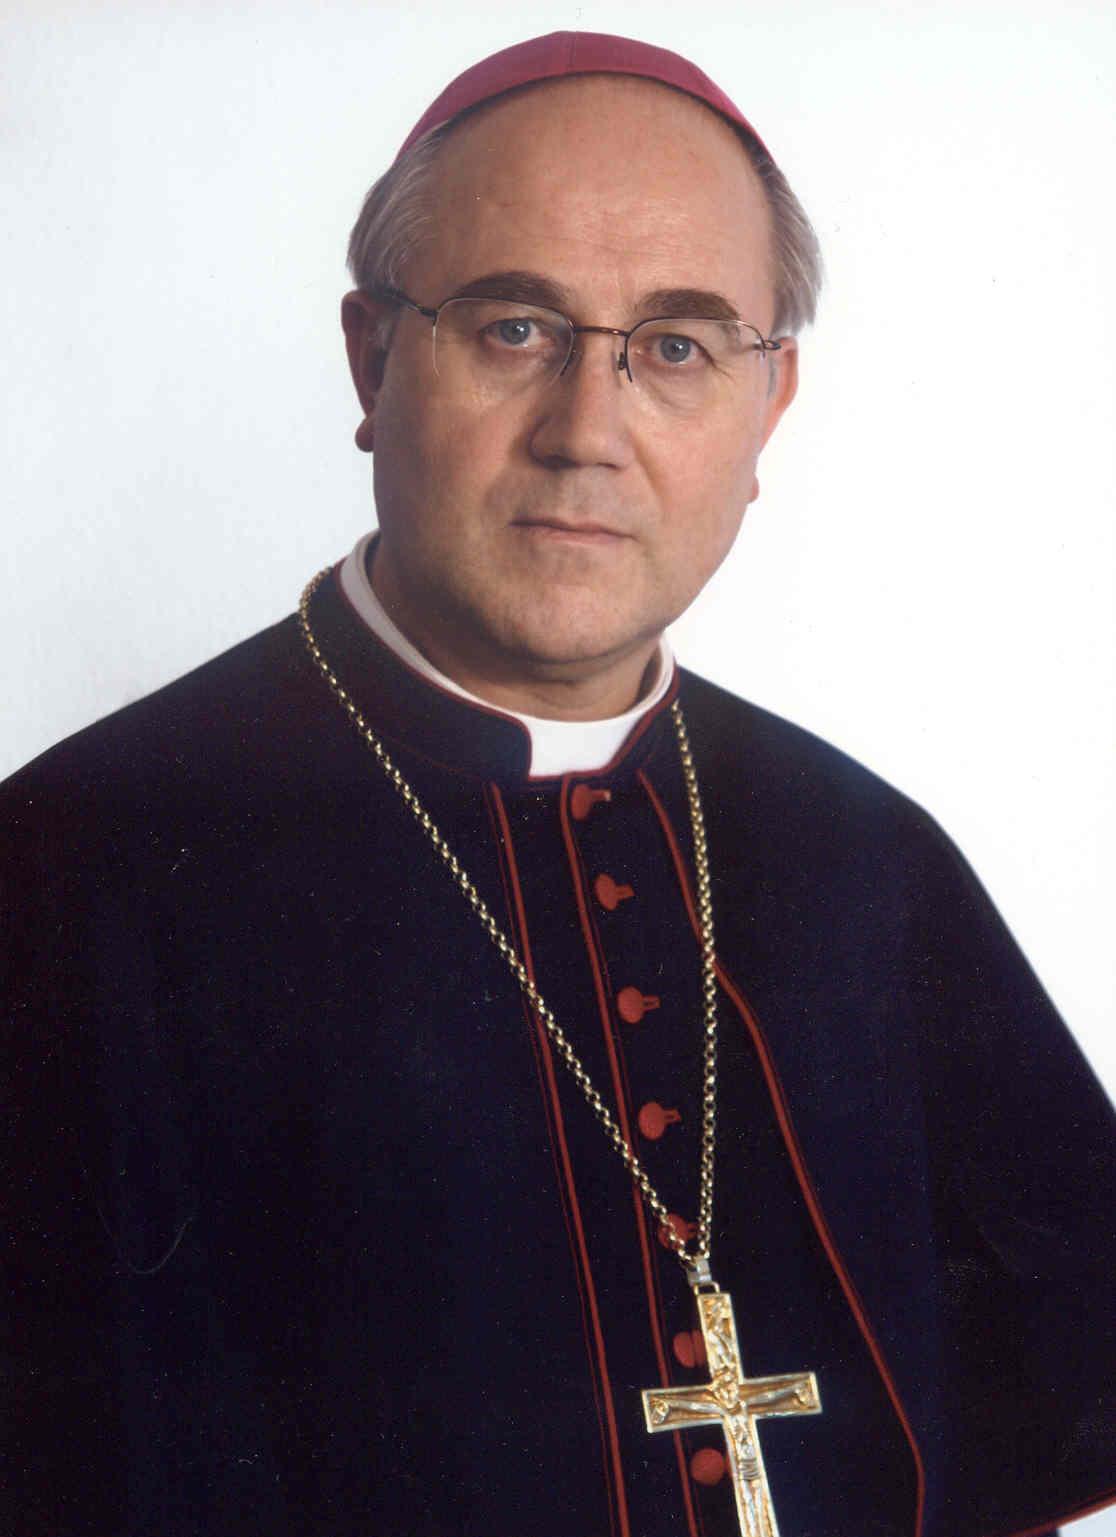 Resultado de imagen de Mons. Adolfo González Montes,